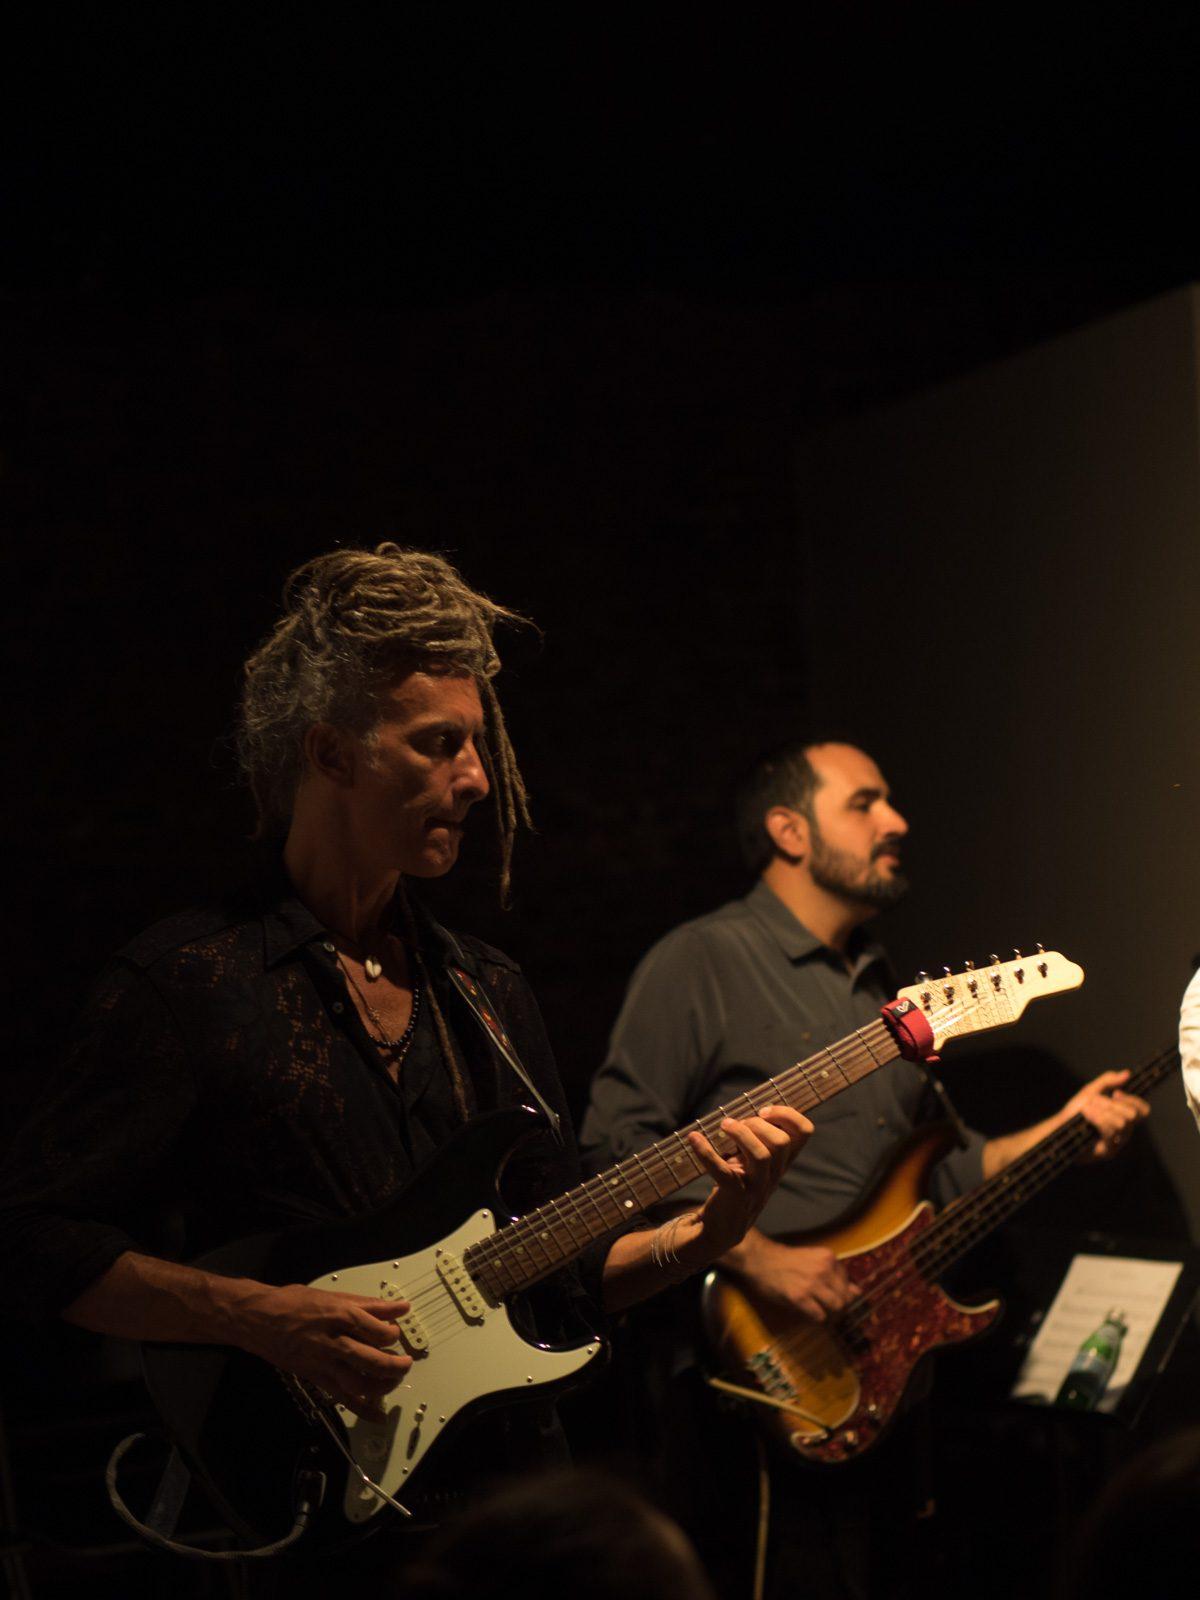 JC Maillard and Jorge Roeder